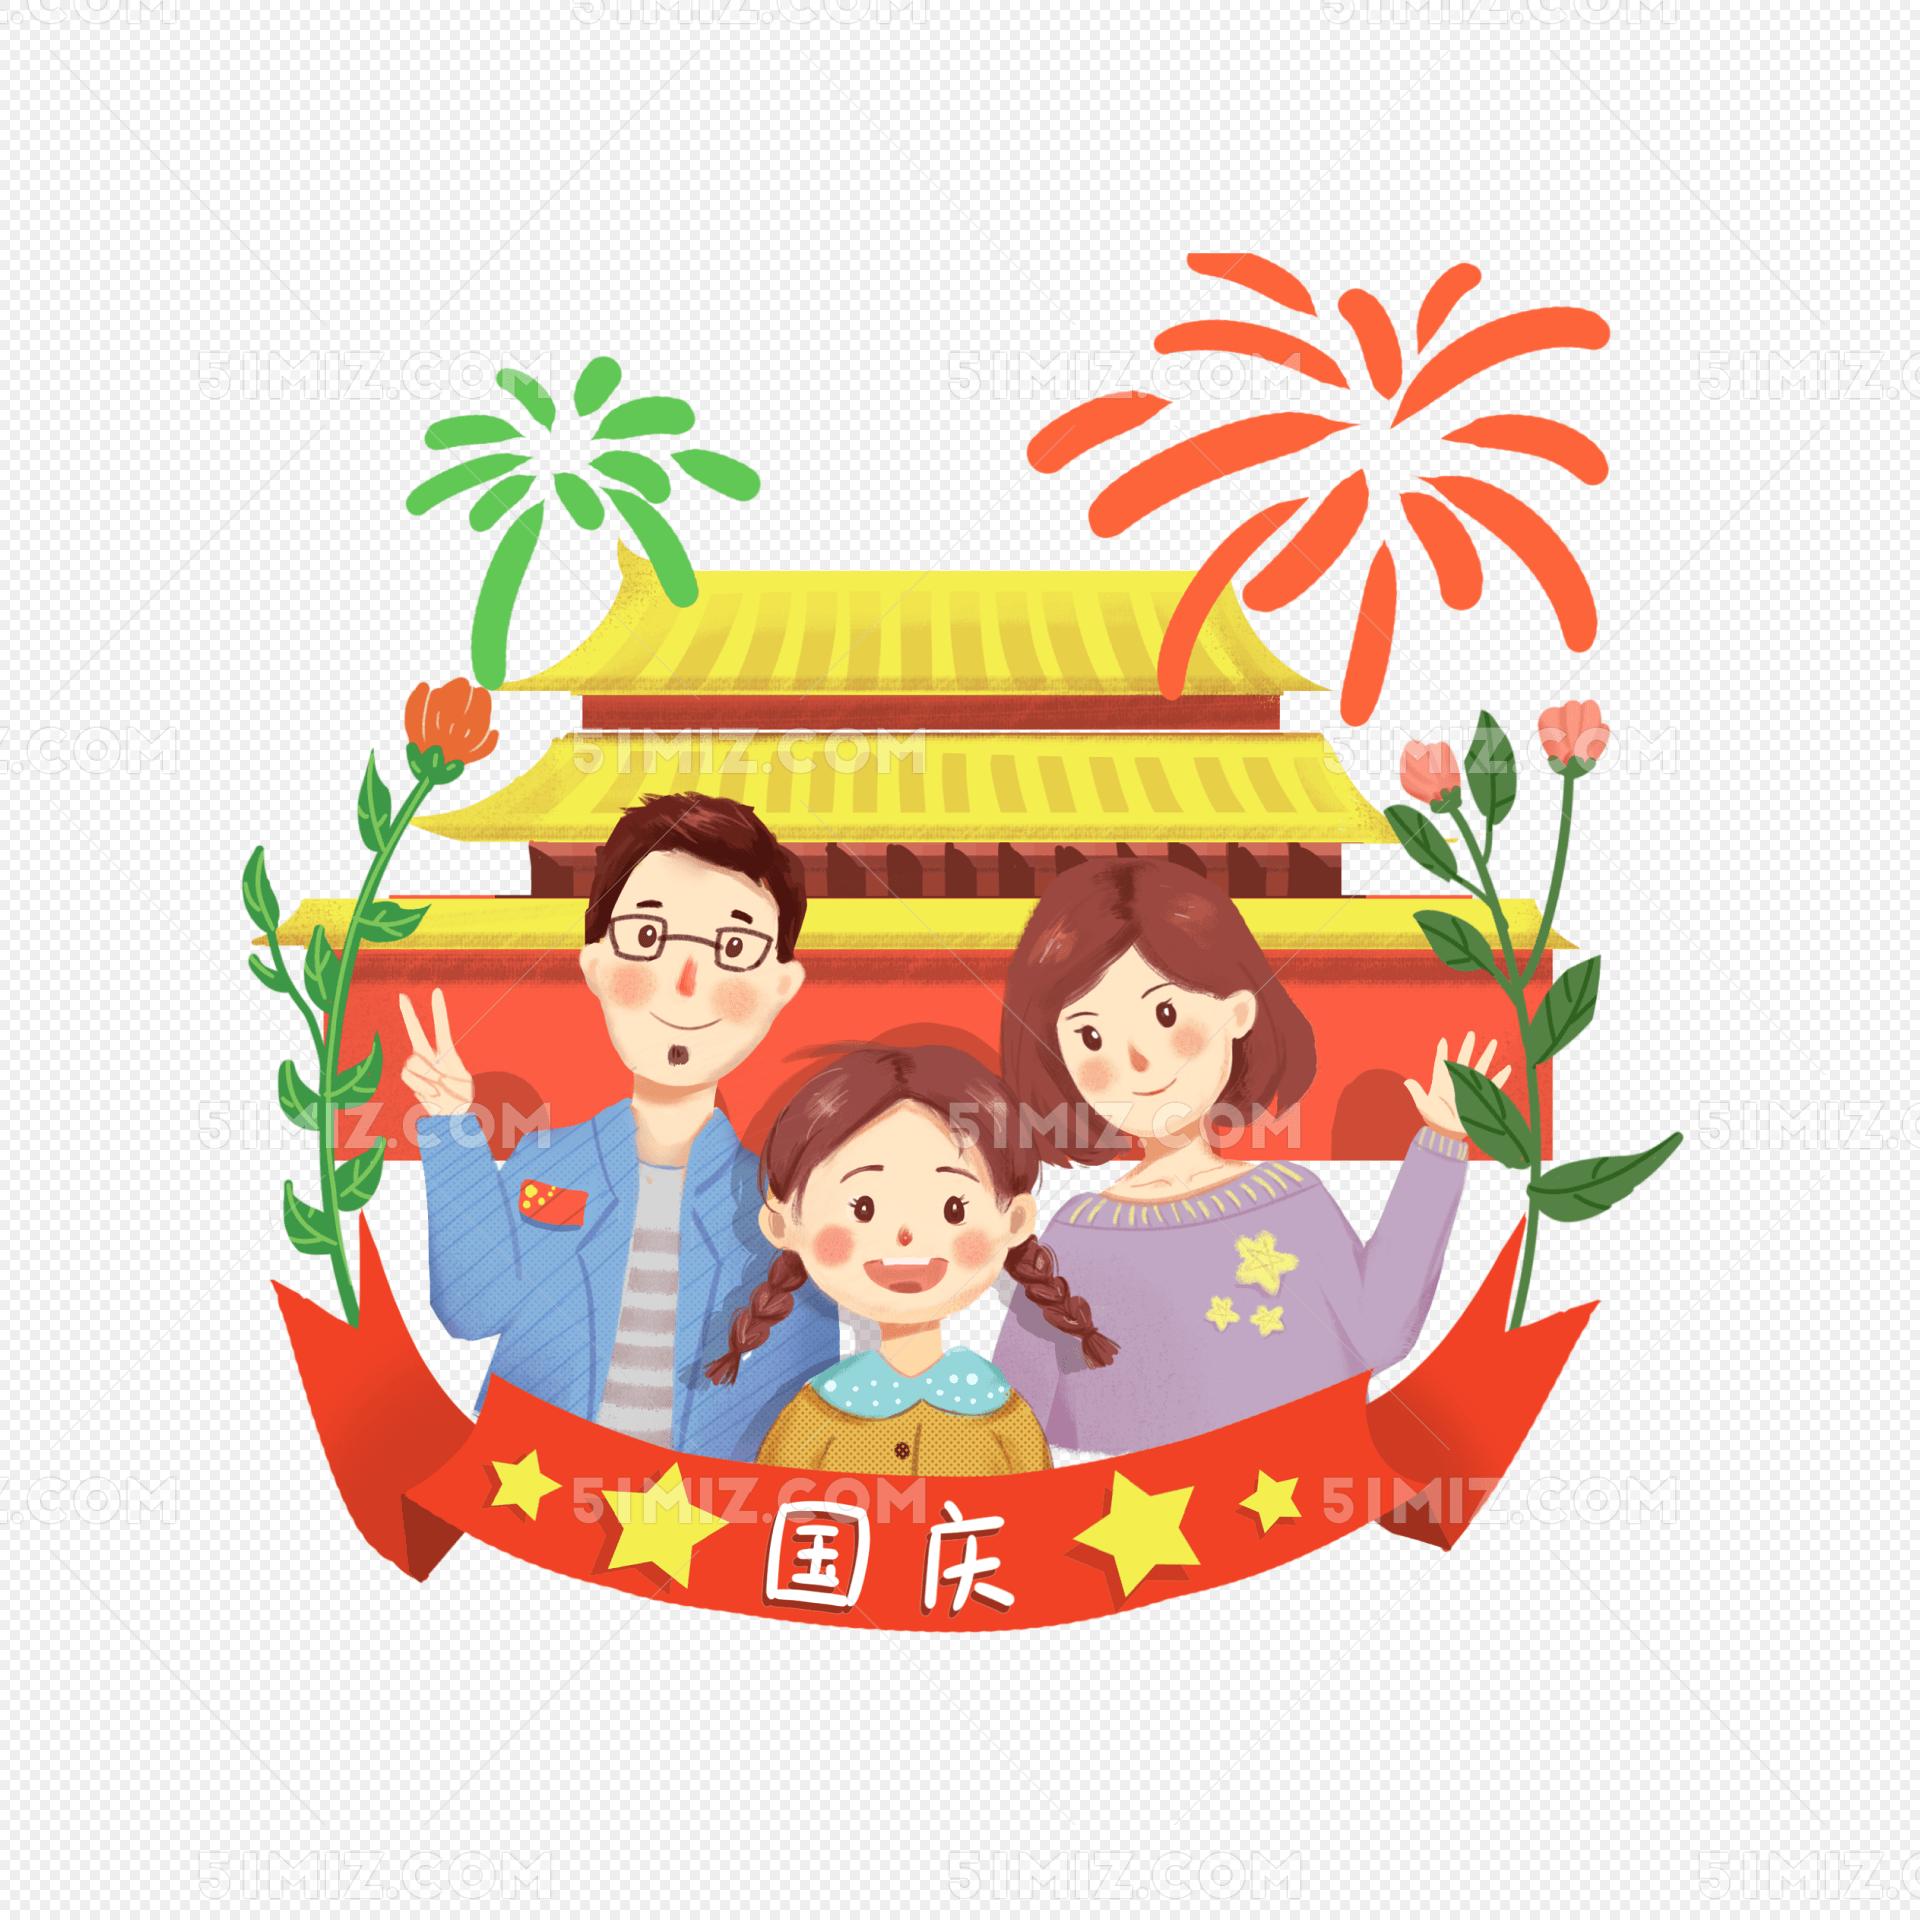 国庆节手绘红色天安门一家人放烟